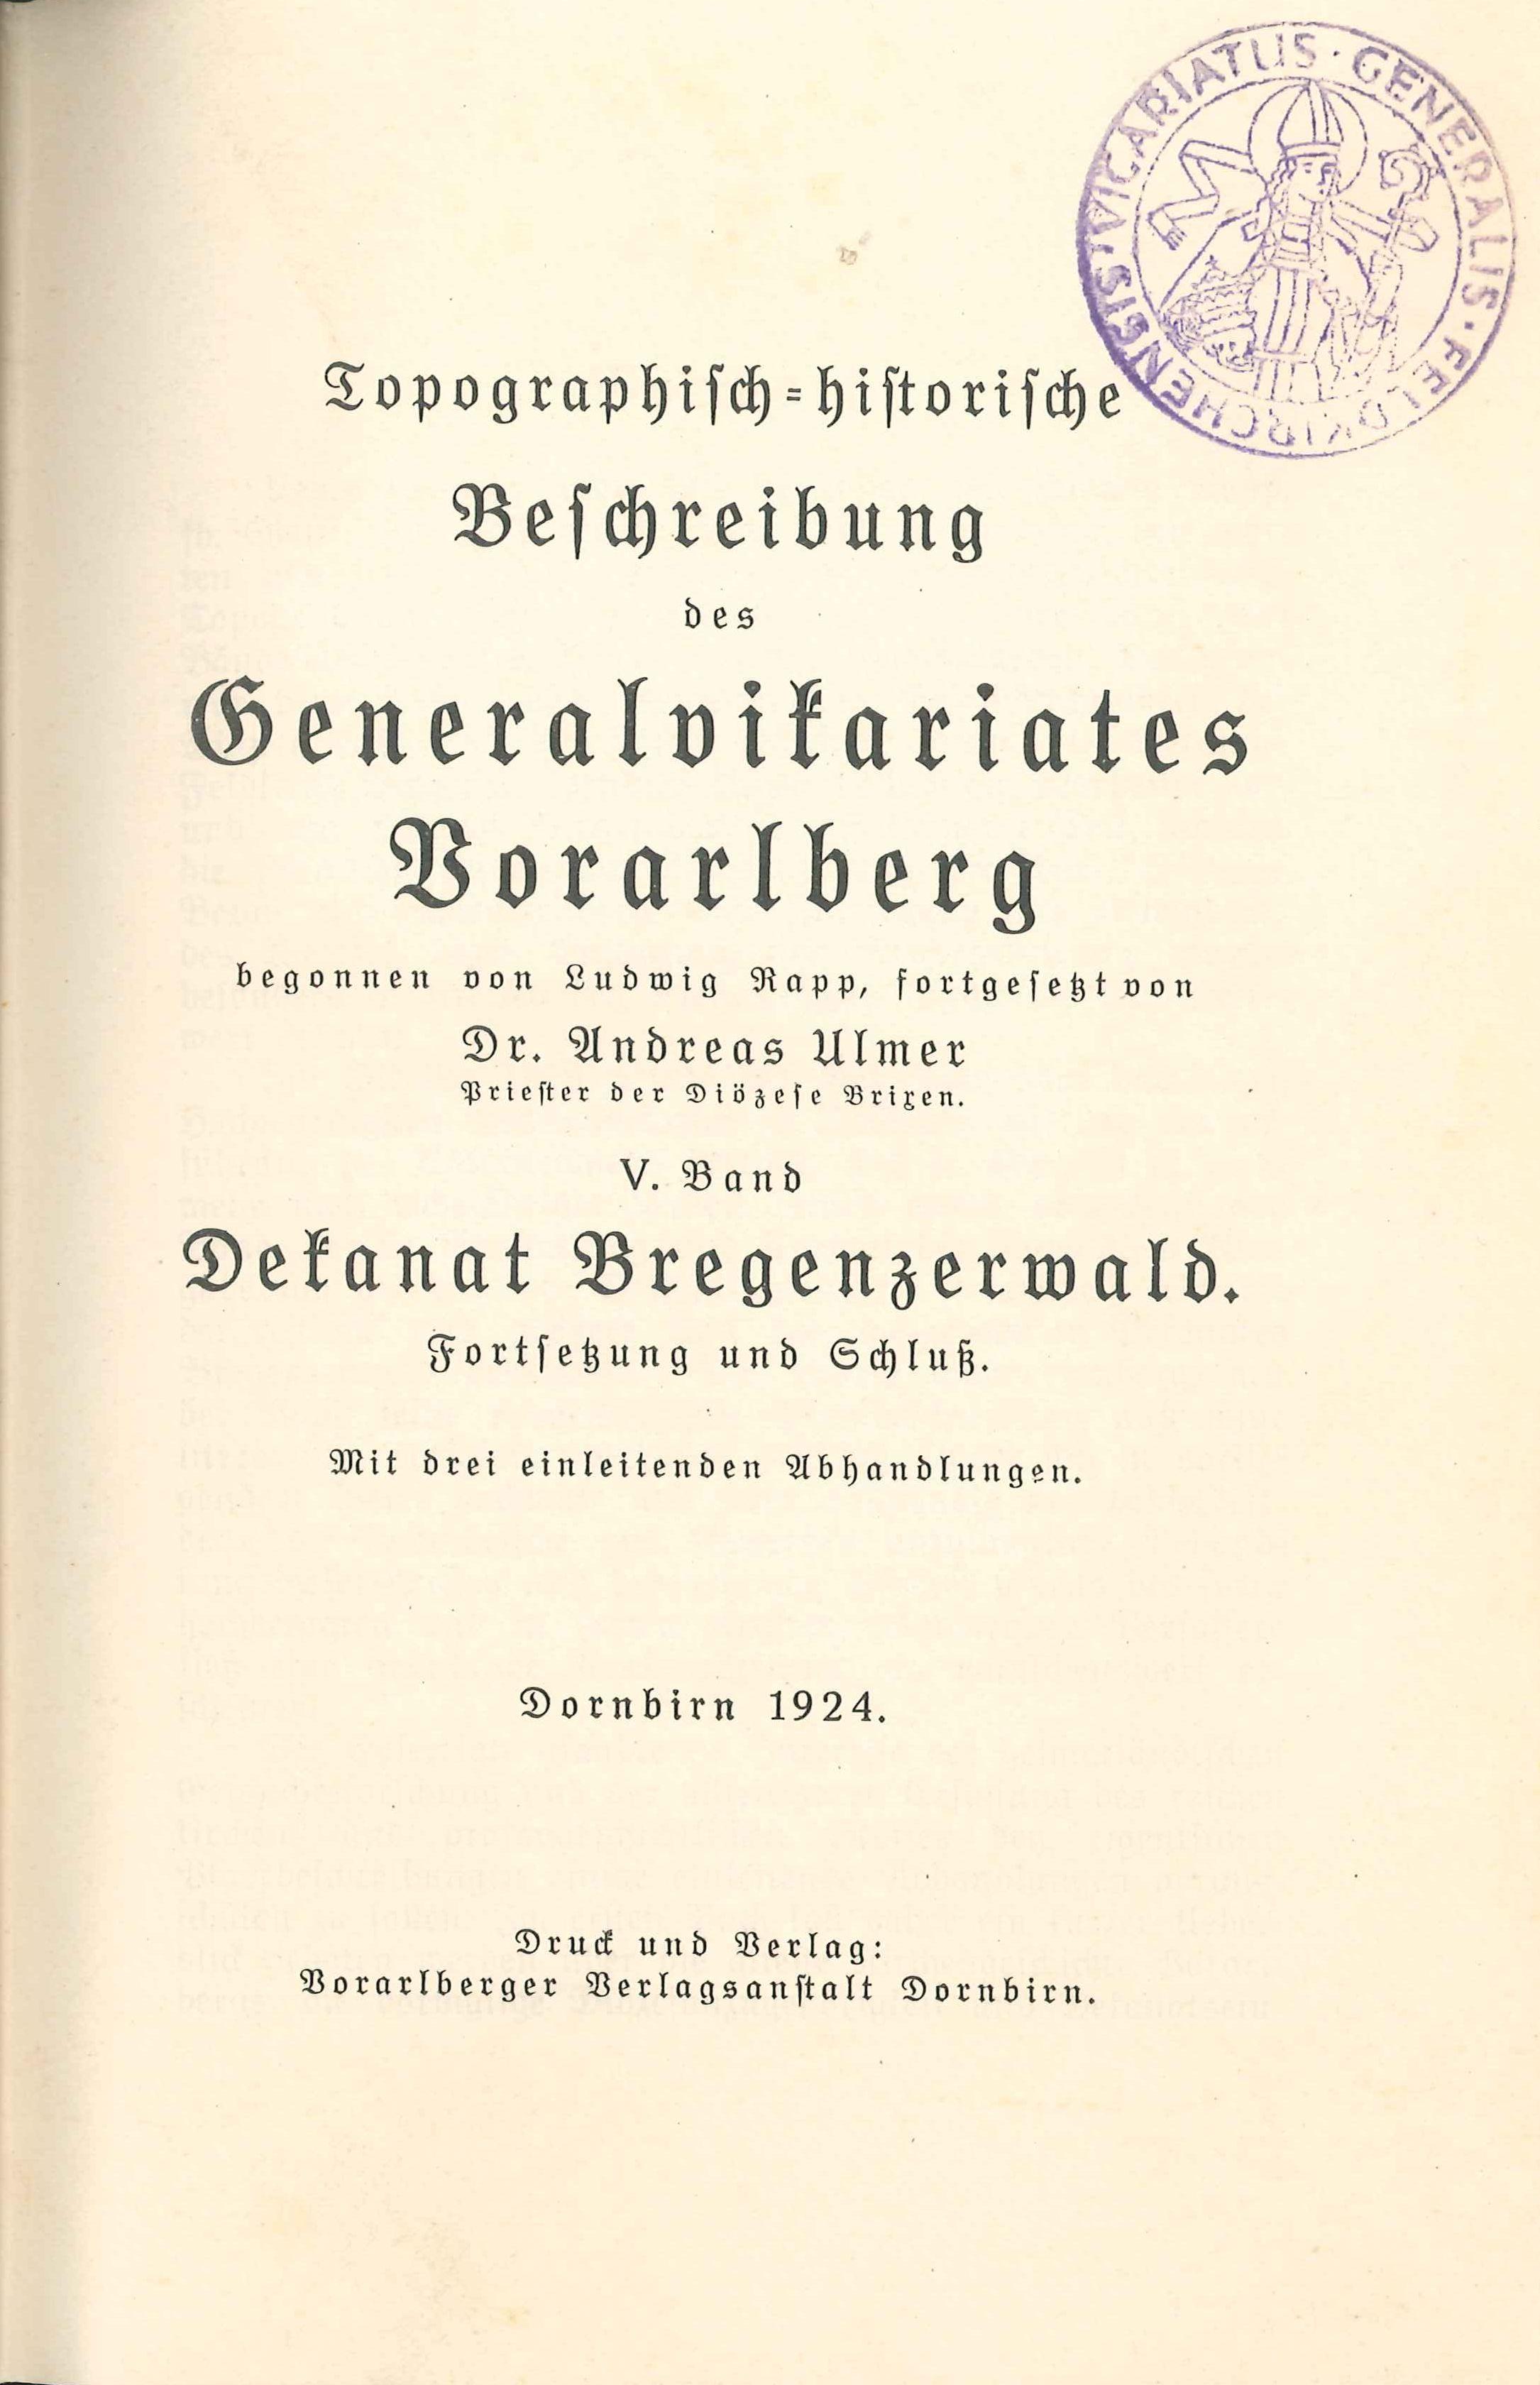 Topographisch-historische Beschreibung des Generalvikariates Feldkirch von Andreas Ulmer